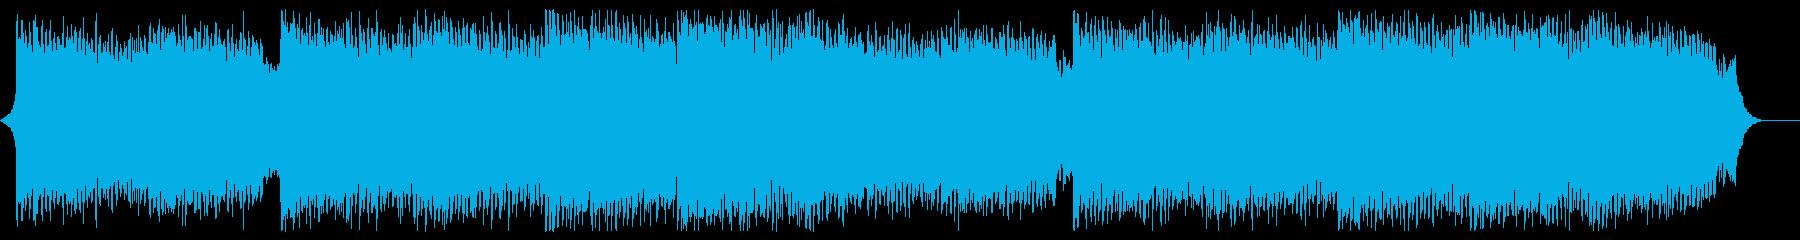 切ないピアノハウス 企業VP CMの再生済みの波形